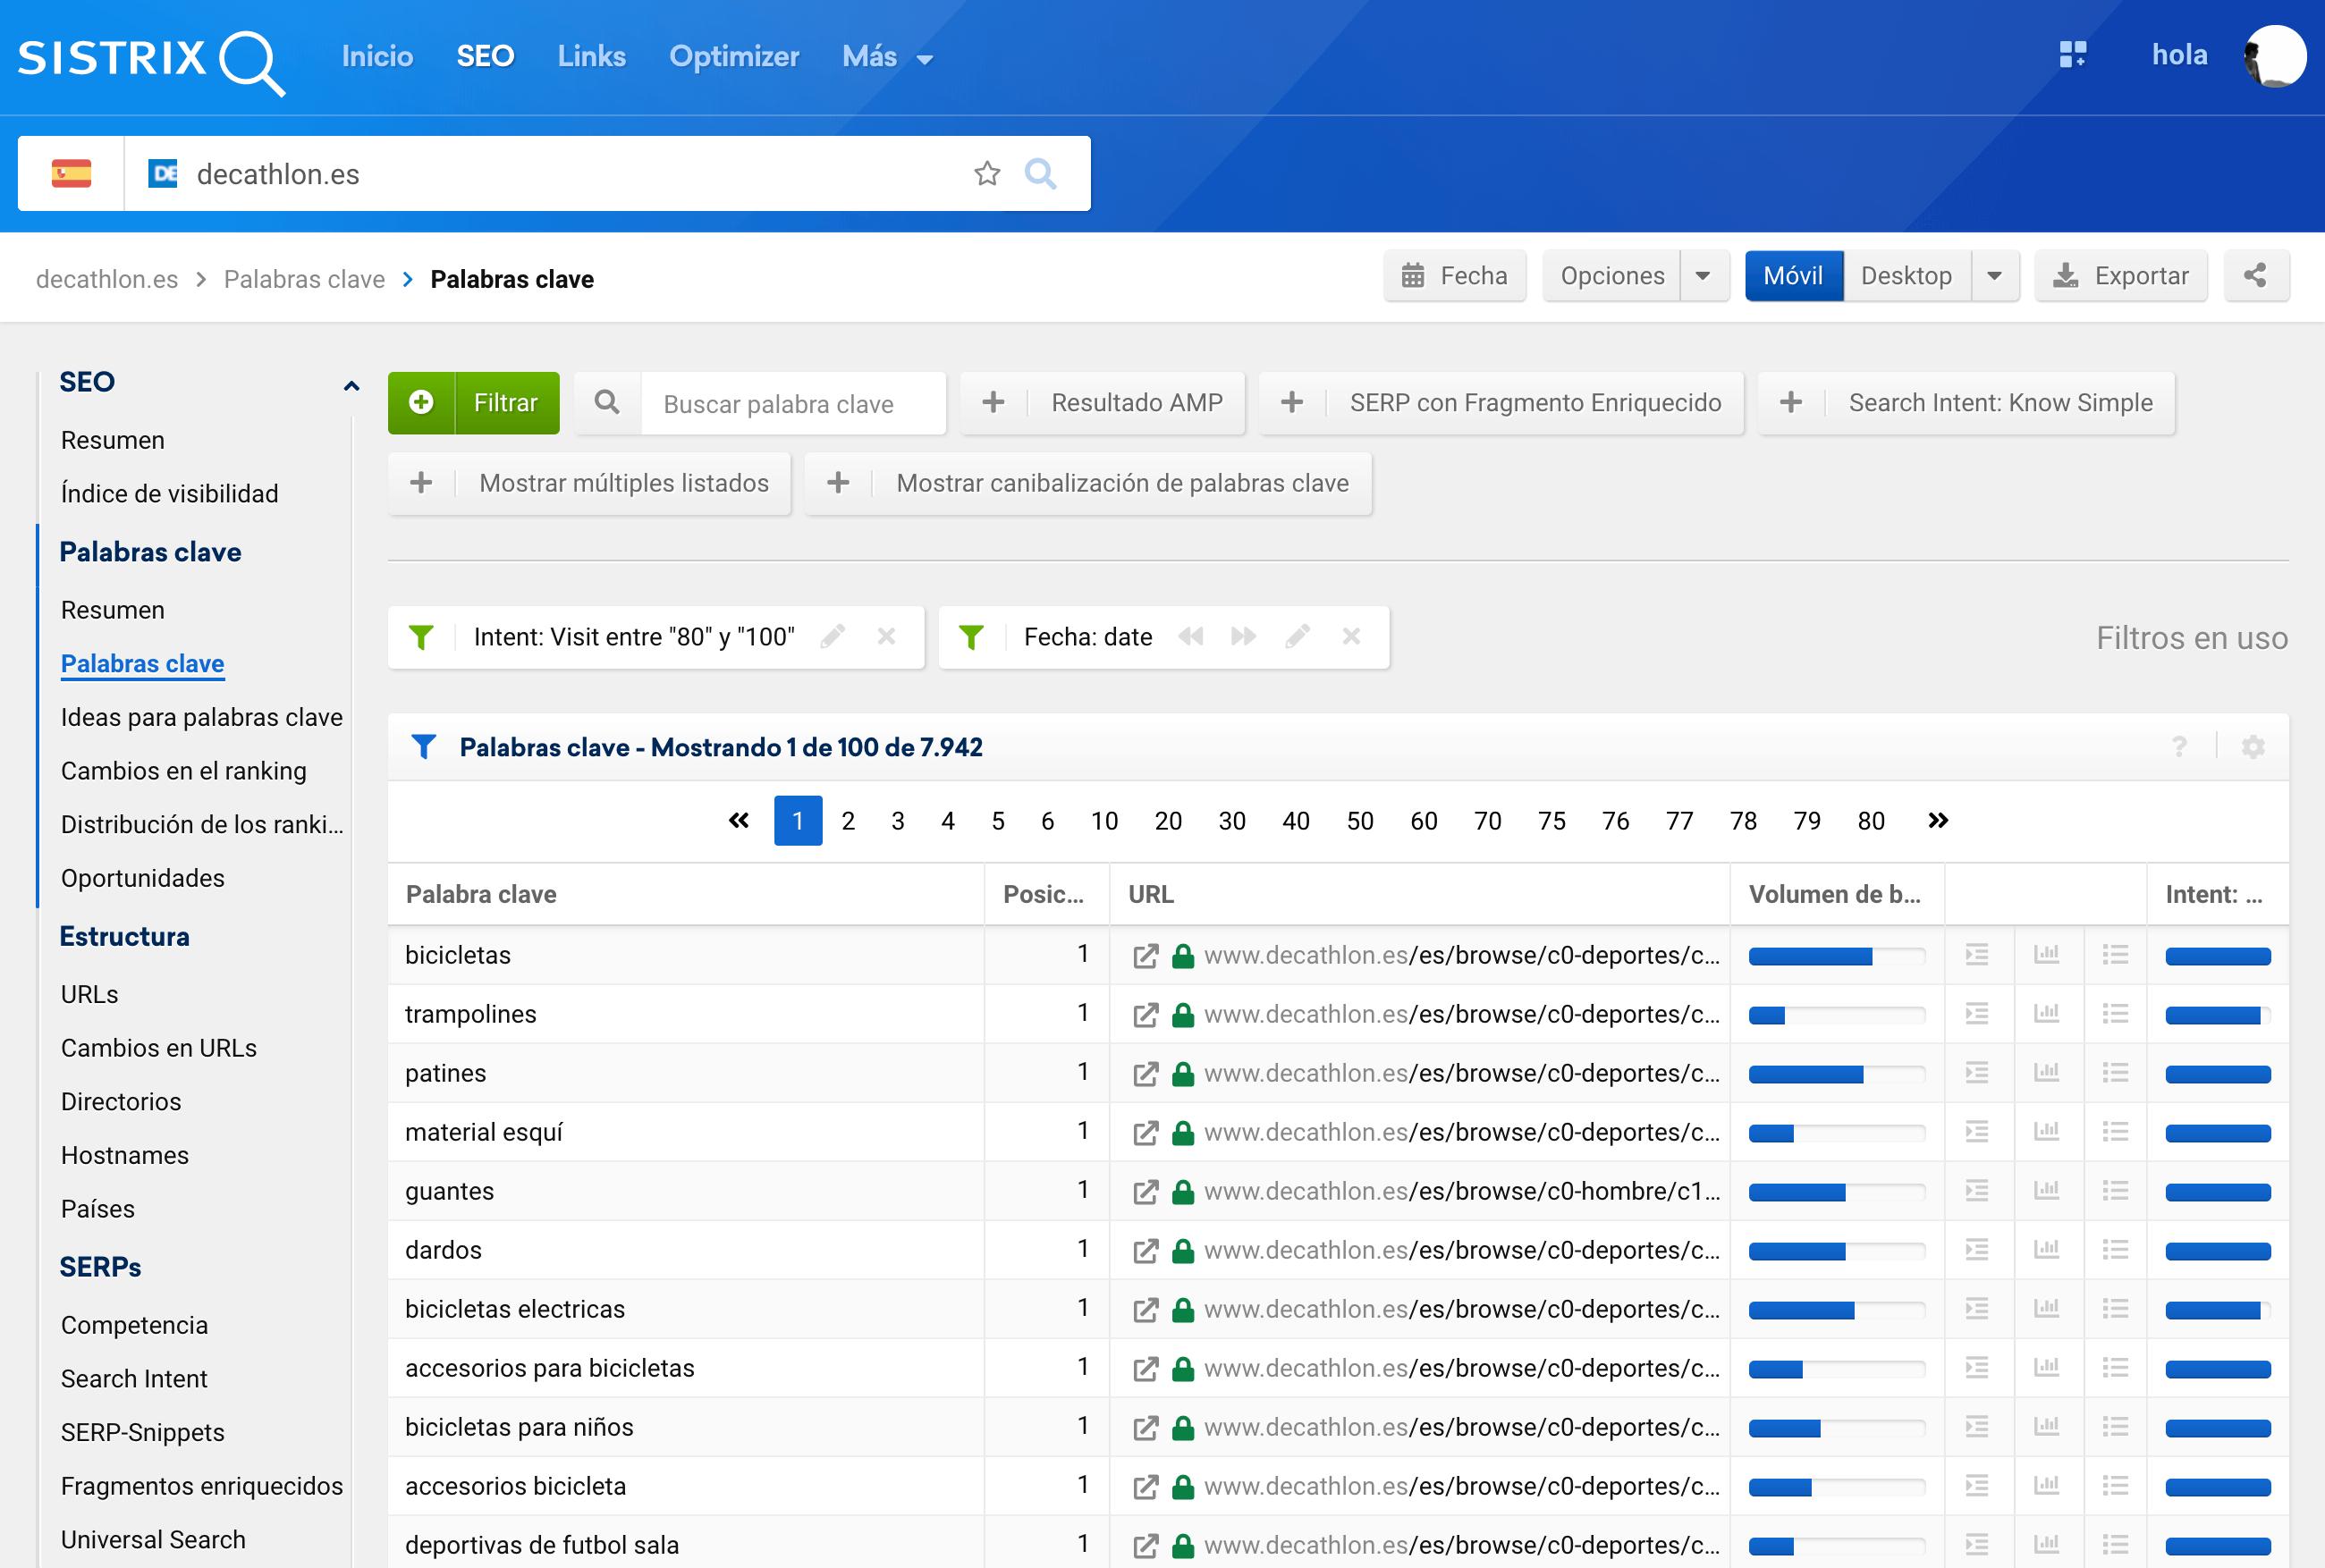 Intención de búsqueda de tipo VISIT, dentro de la sección de palabras clave de SISTRIX